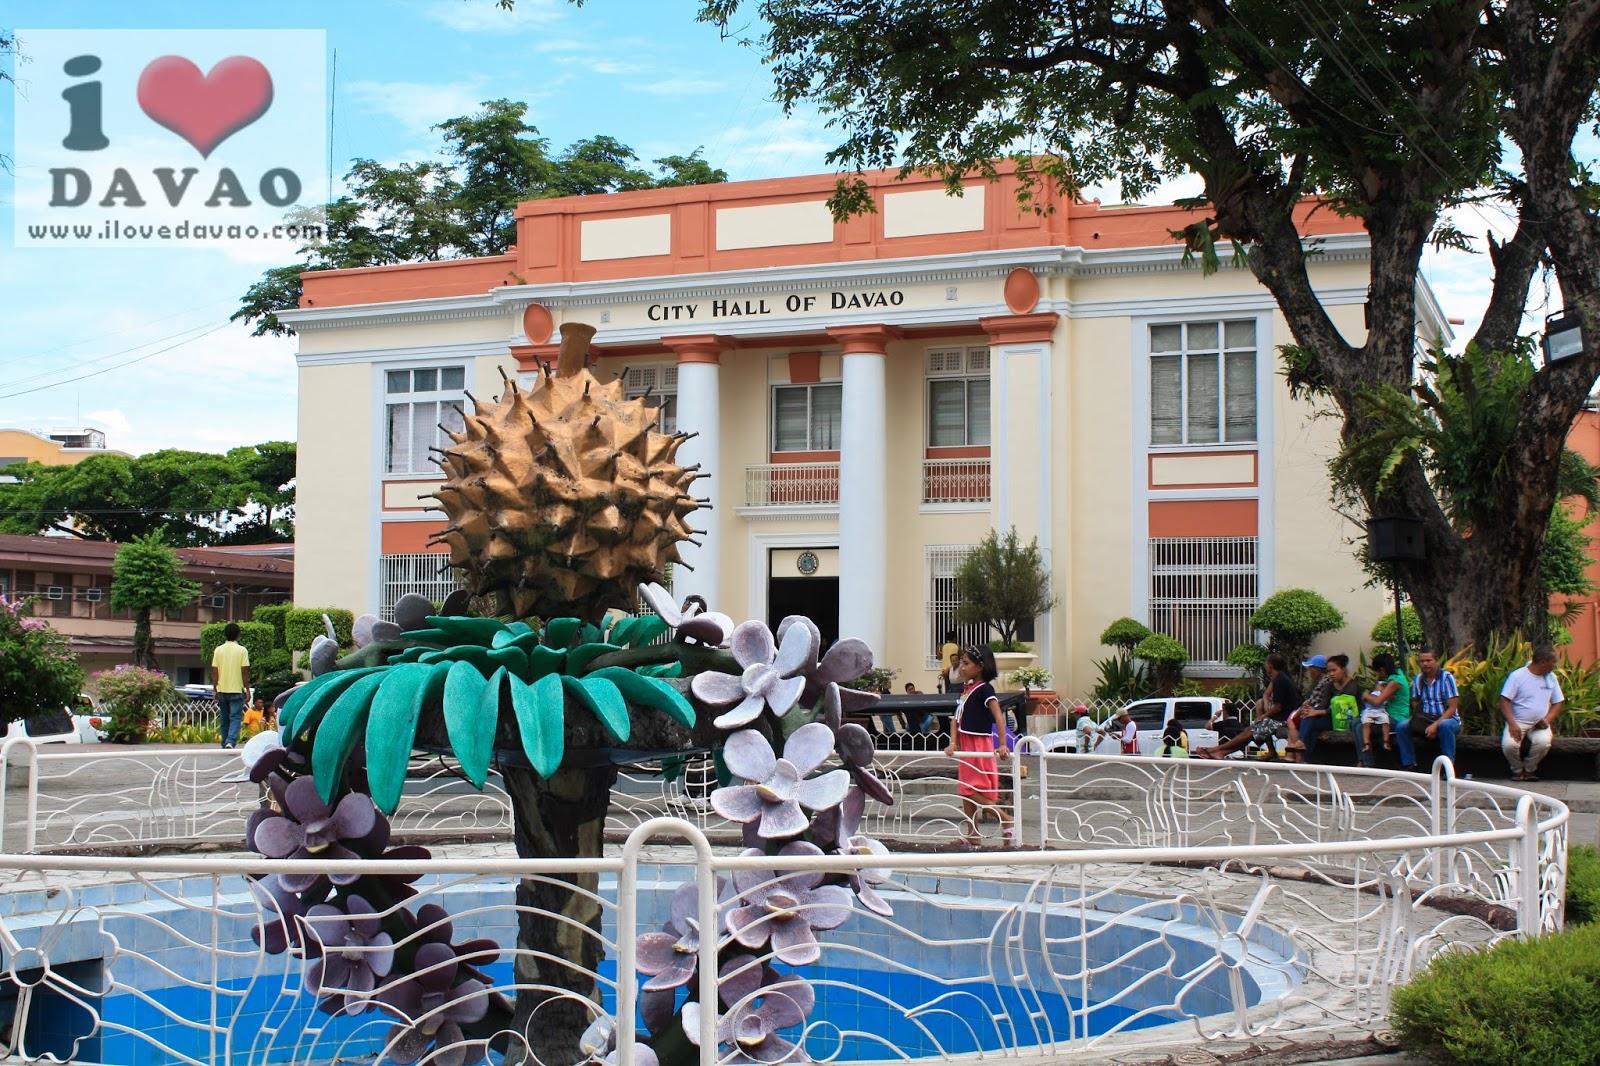 フィリピンで最も治安のよい都市、ダバオ